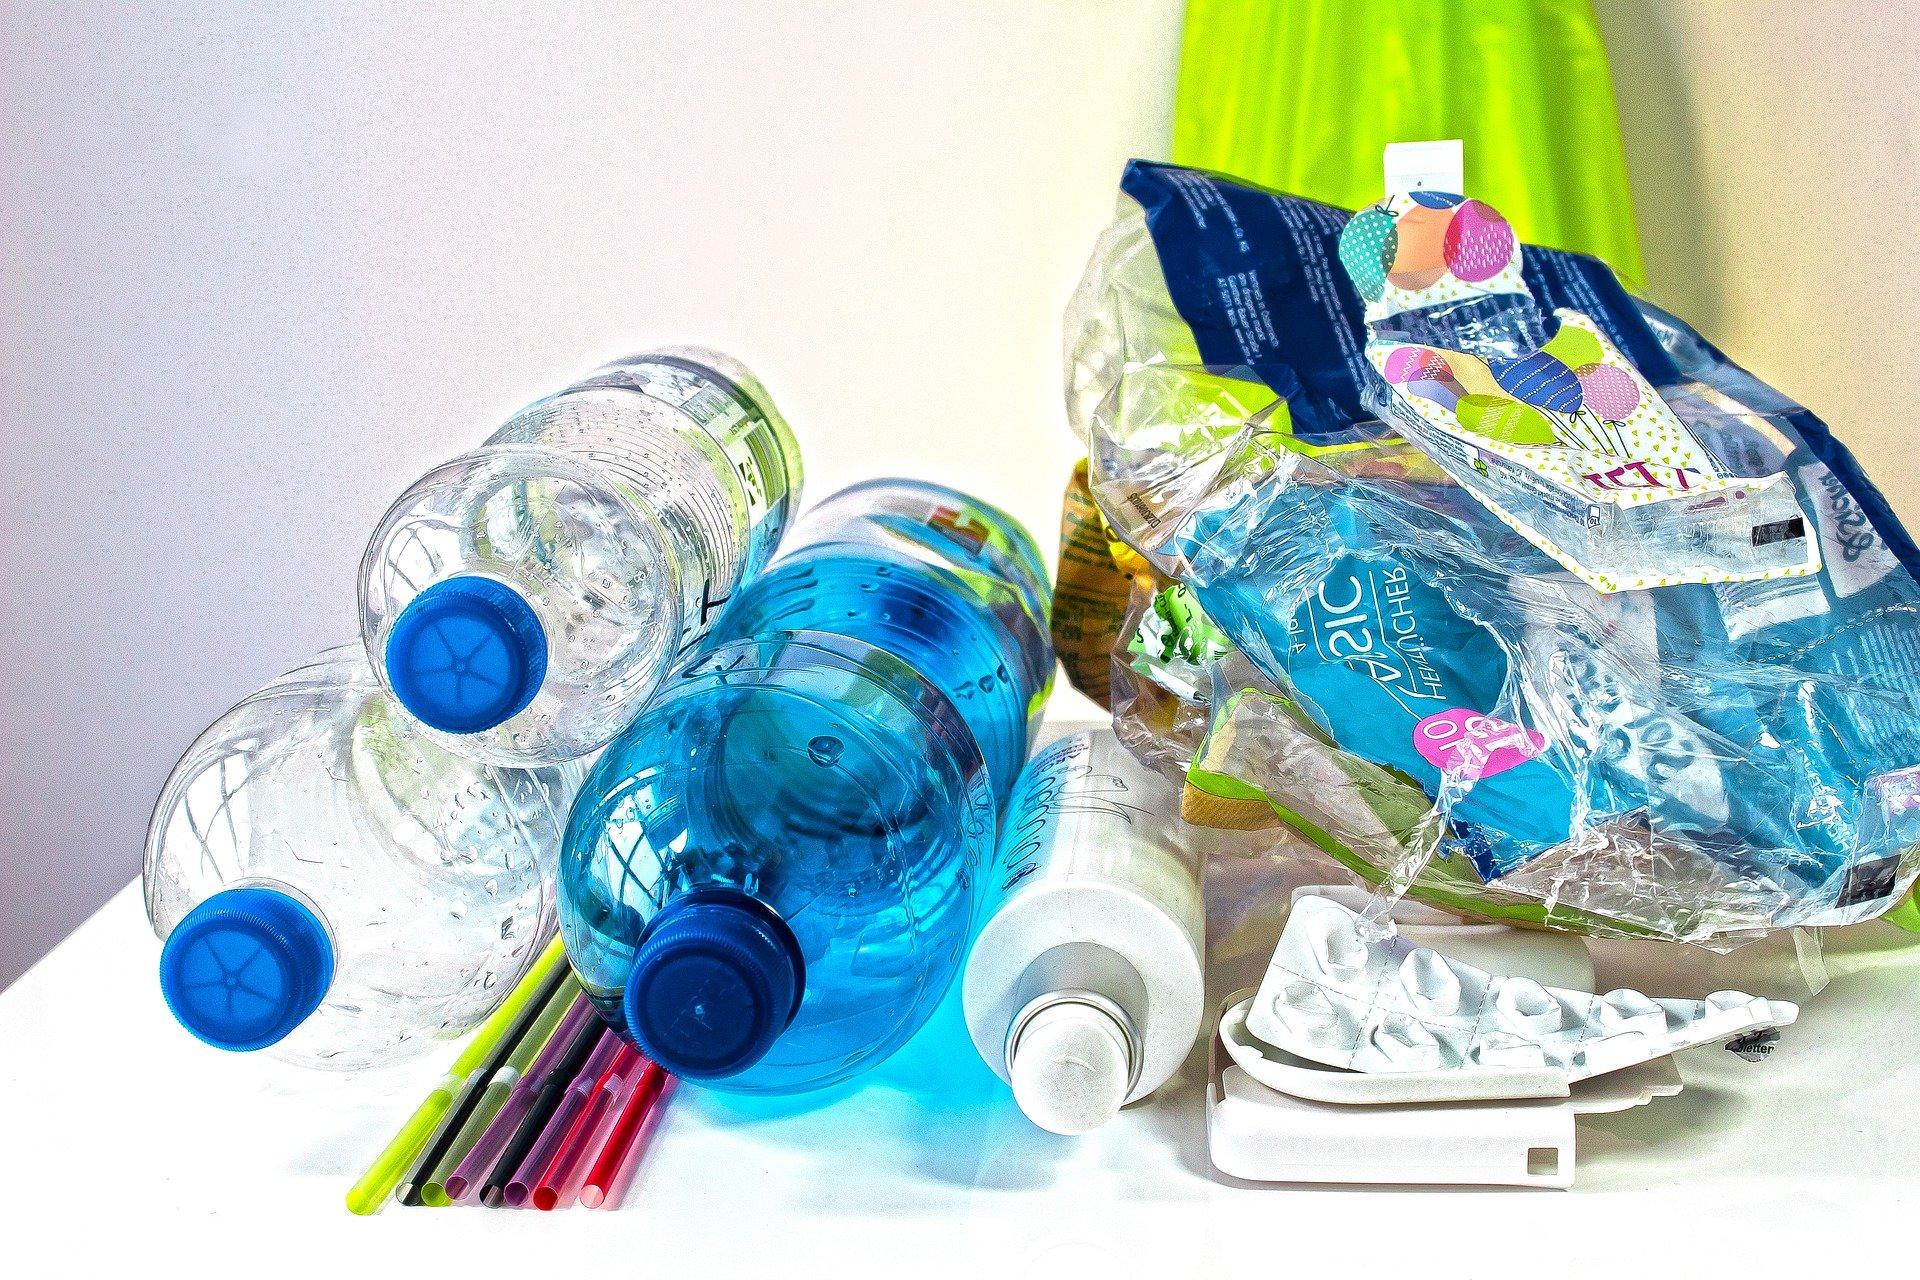 Ungarn verbietet Einweg-Kunststoff